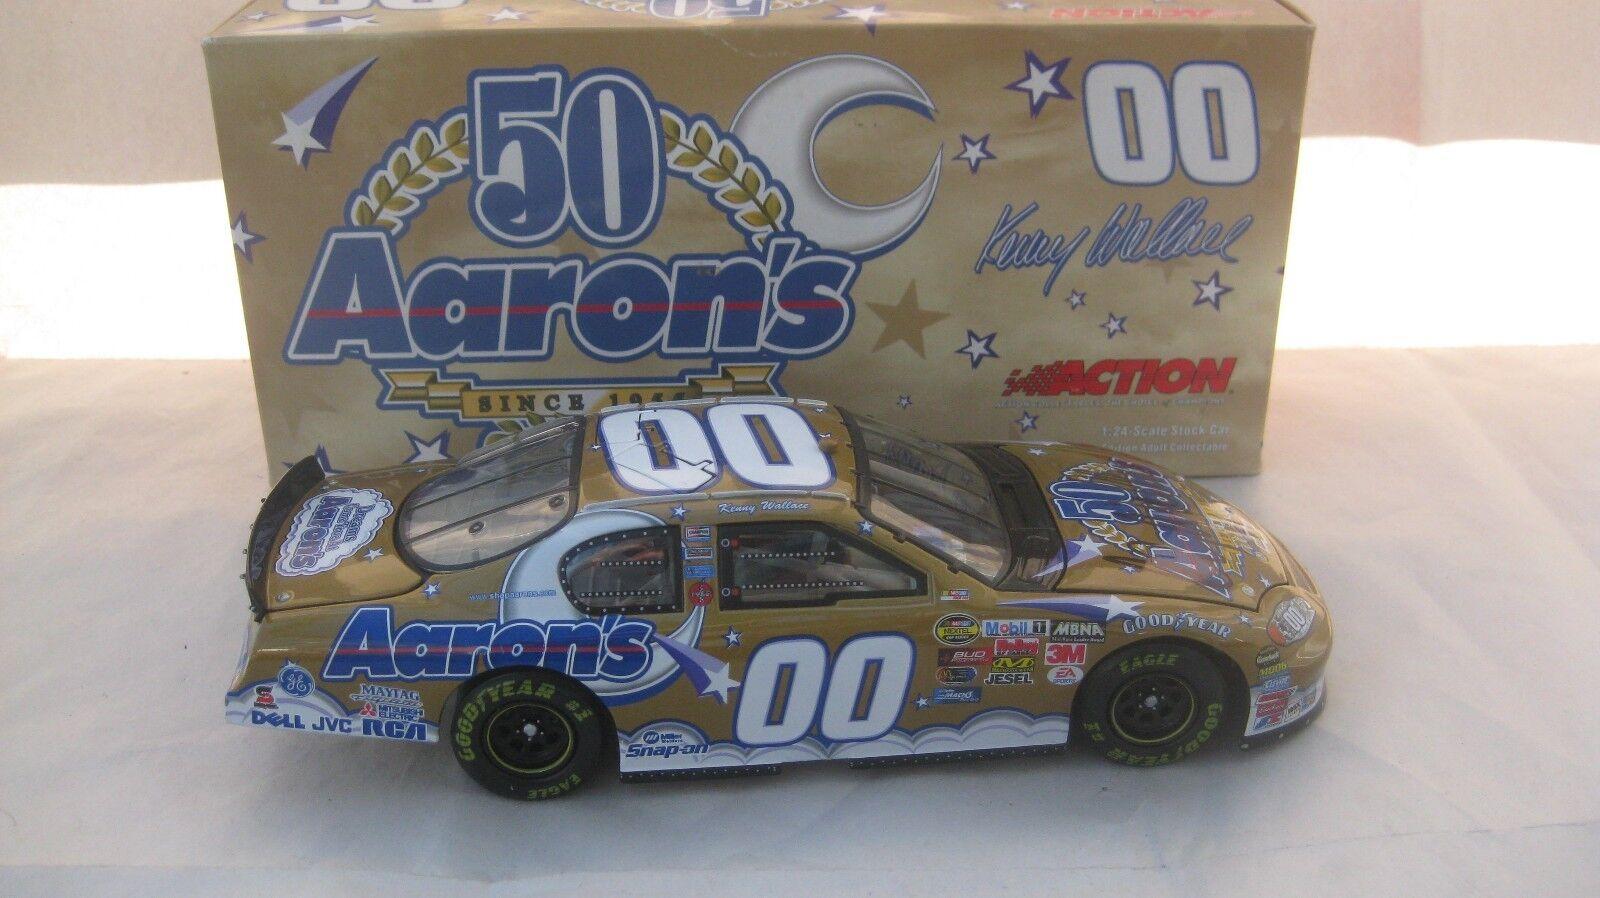 Nascar  00 Kenny Wallace Firmado Aaron's 50 50 50 Monte Carlo 1 24 Escala de Metal fc85af